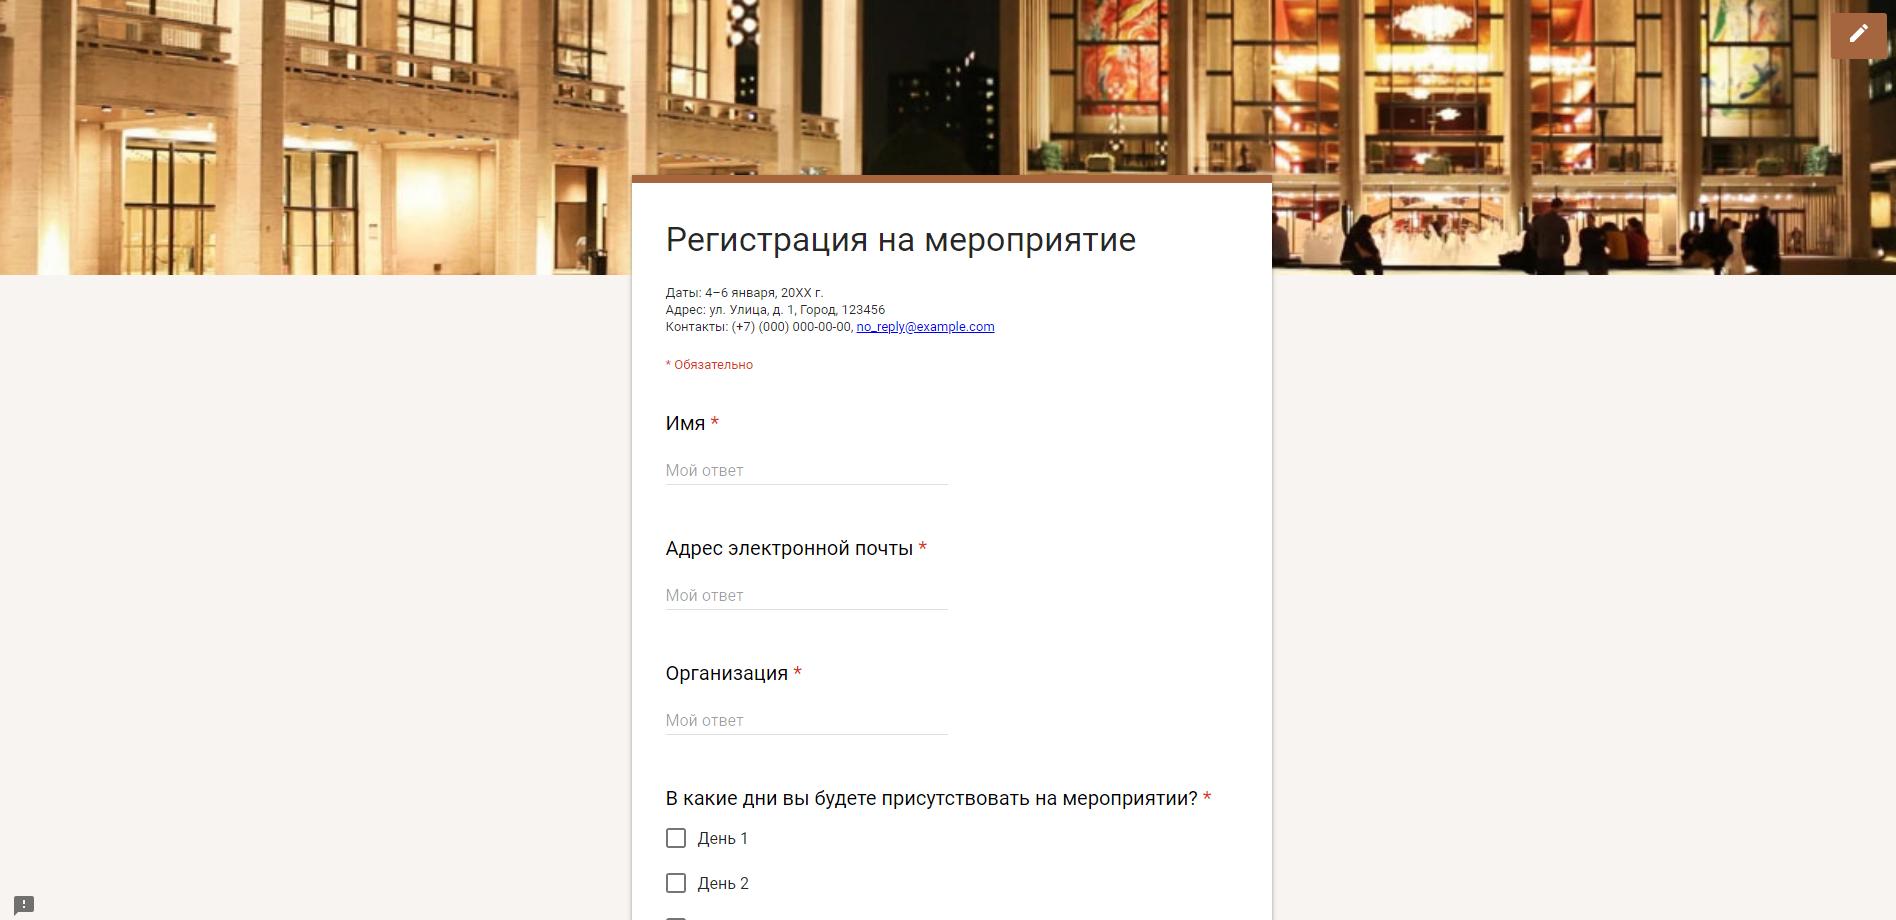 Как сделать веб-формы на сайте удобными и безопасными: инструменты разработки и конструкторы - 9